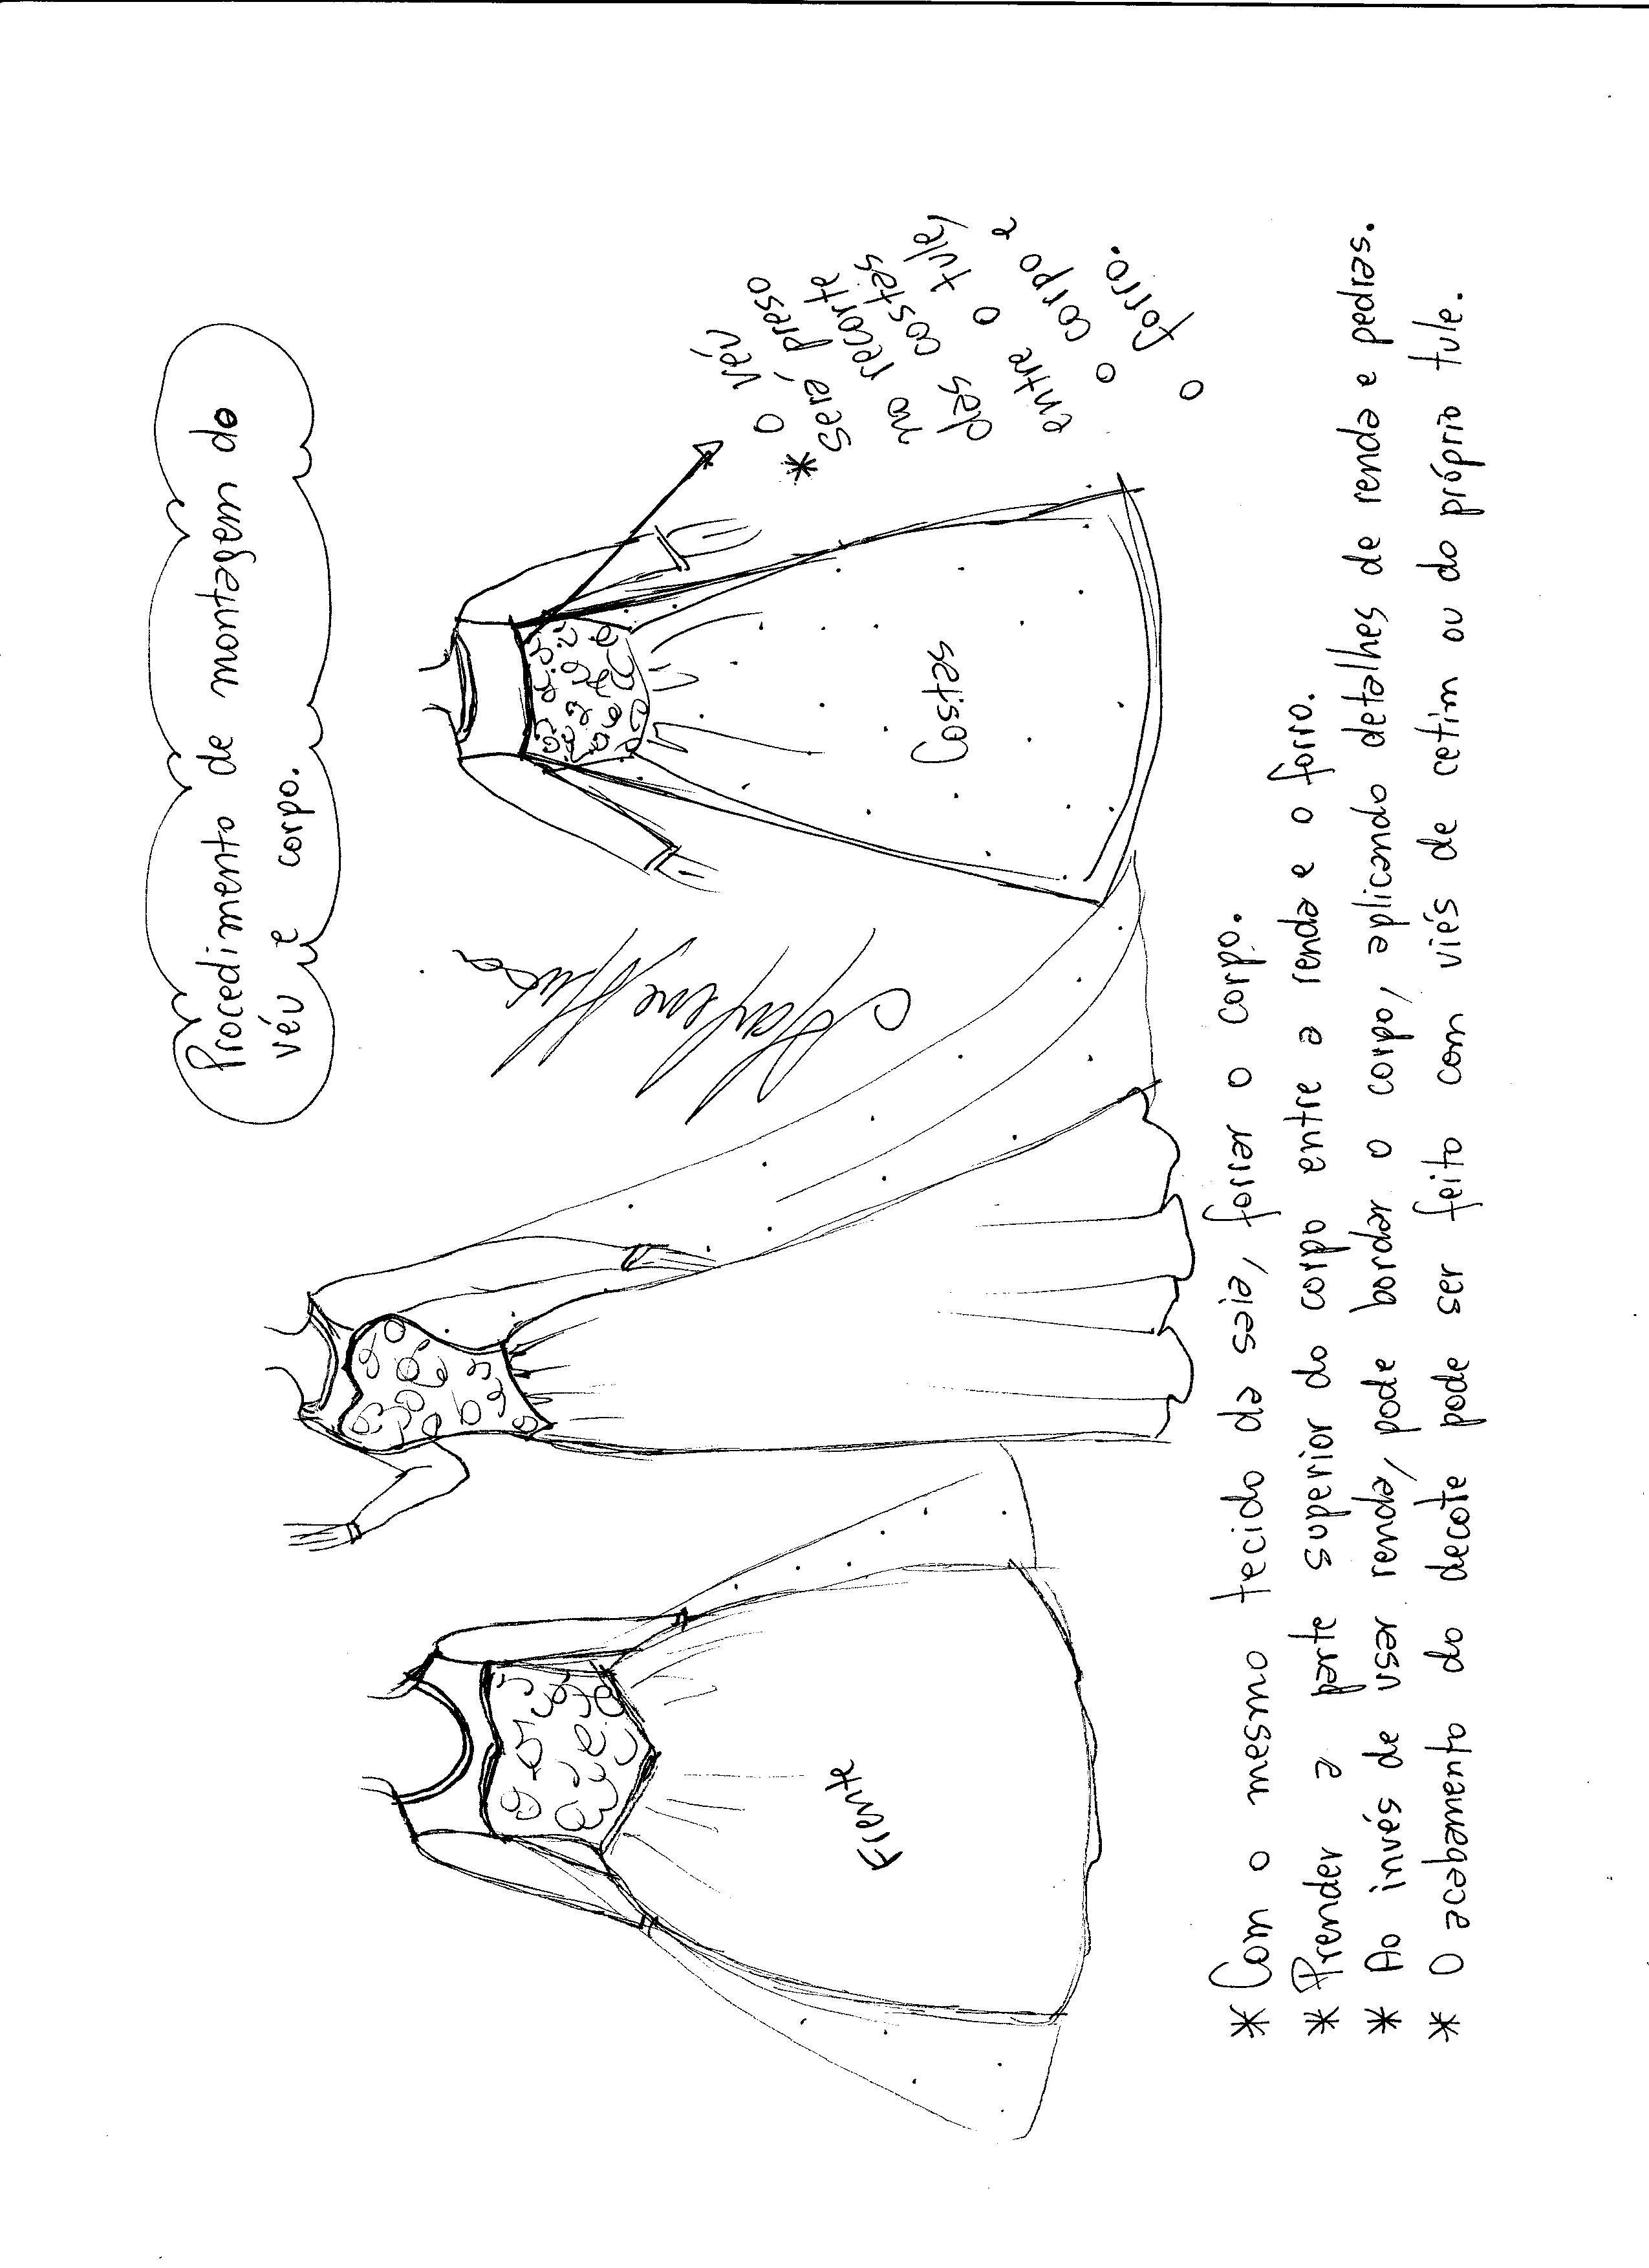 Procedimento de montagem do vestido Fronzen.